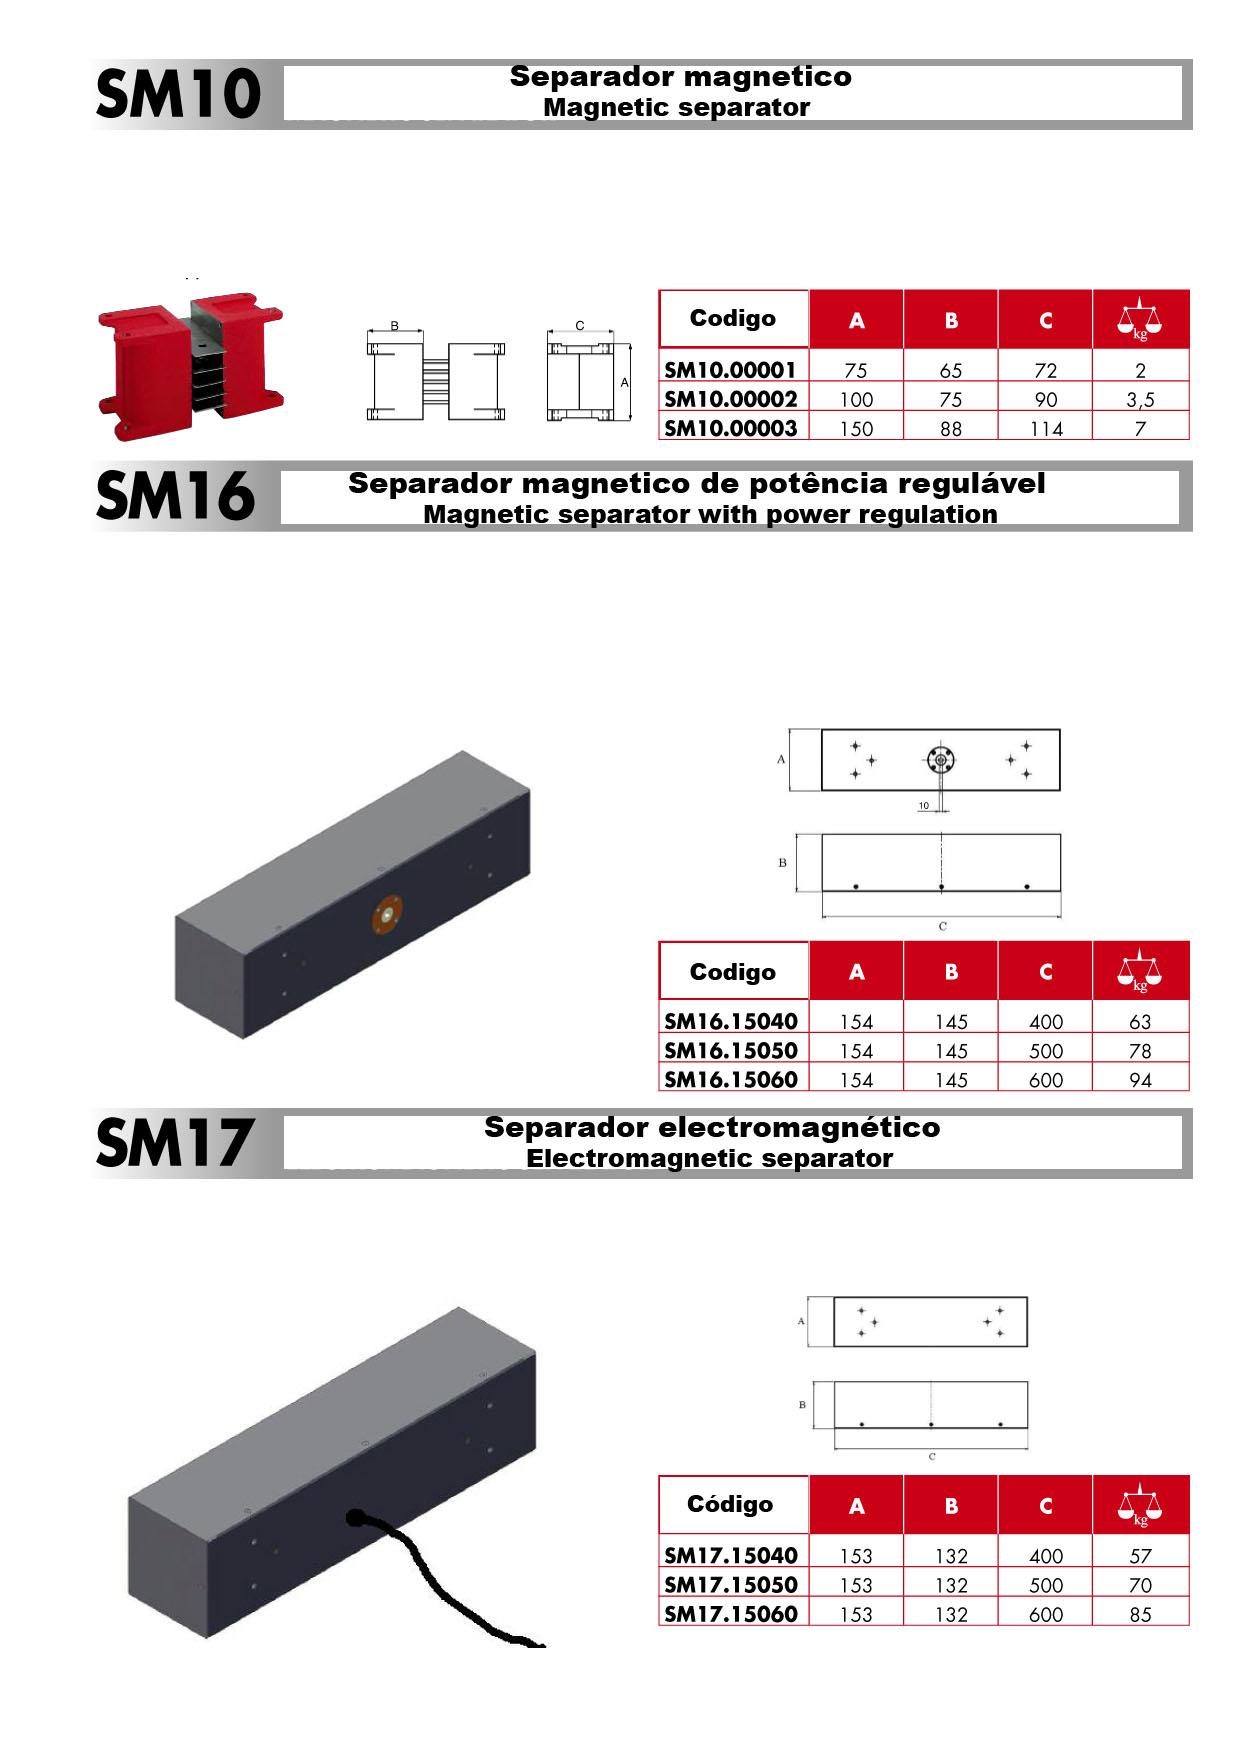 Separadores SM10 / SM16 e SM17